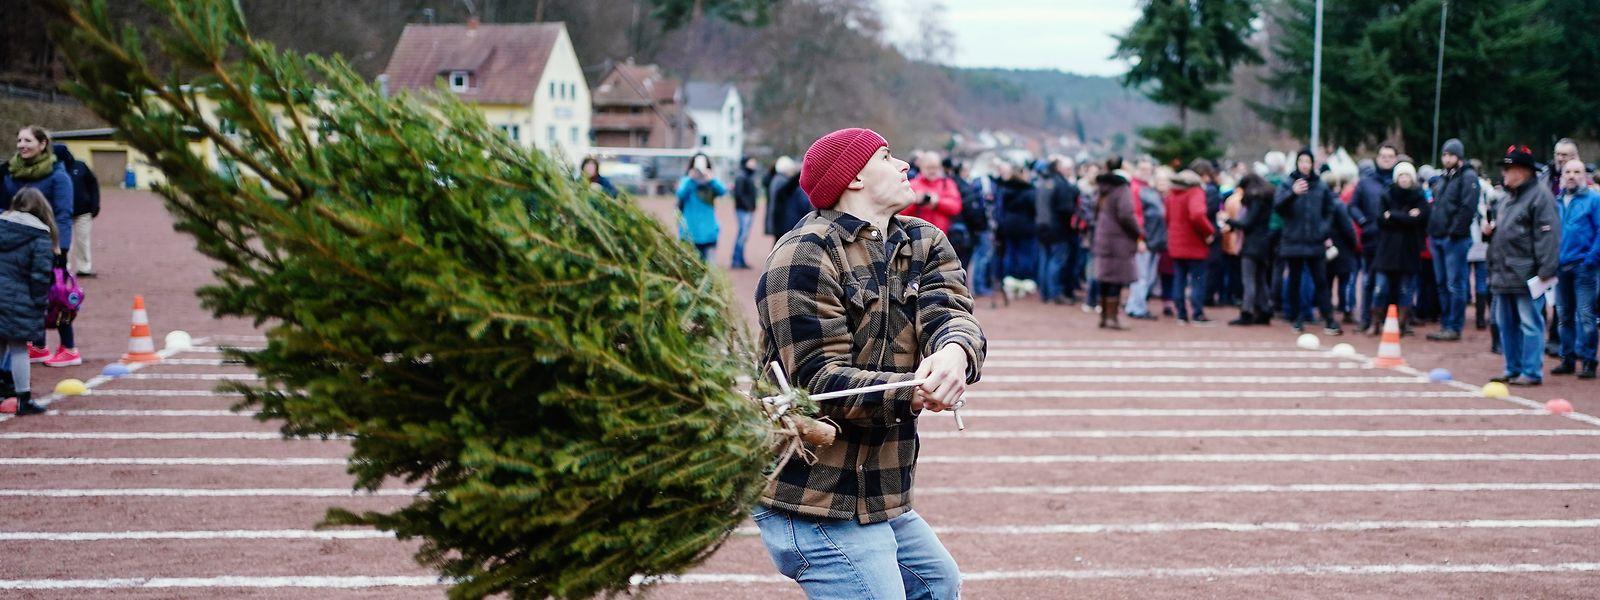 Ein Teilnehmer schleudert bei der 14. Weltmeisterschaft im Weihnachtsbaumwerfen eine Fichte.